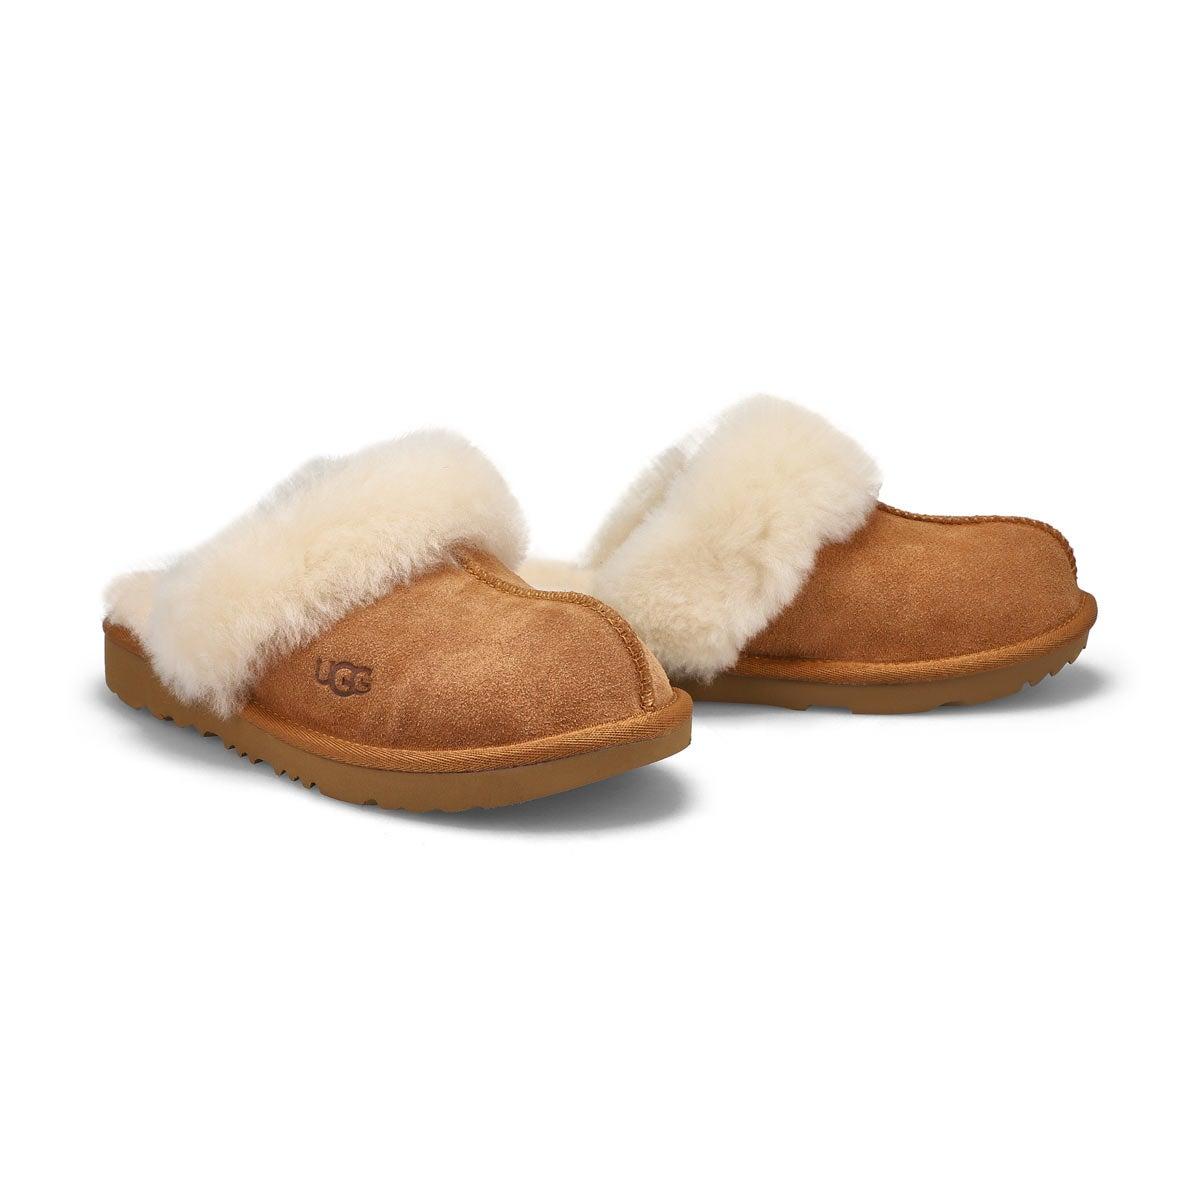 Grls Cozy II chestnut sheepskin slipper